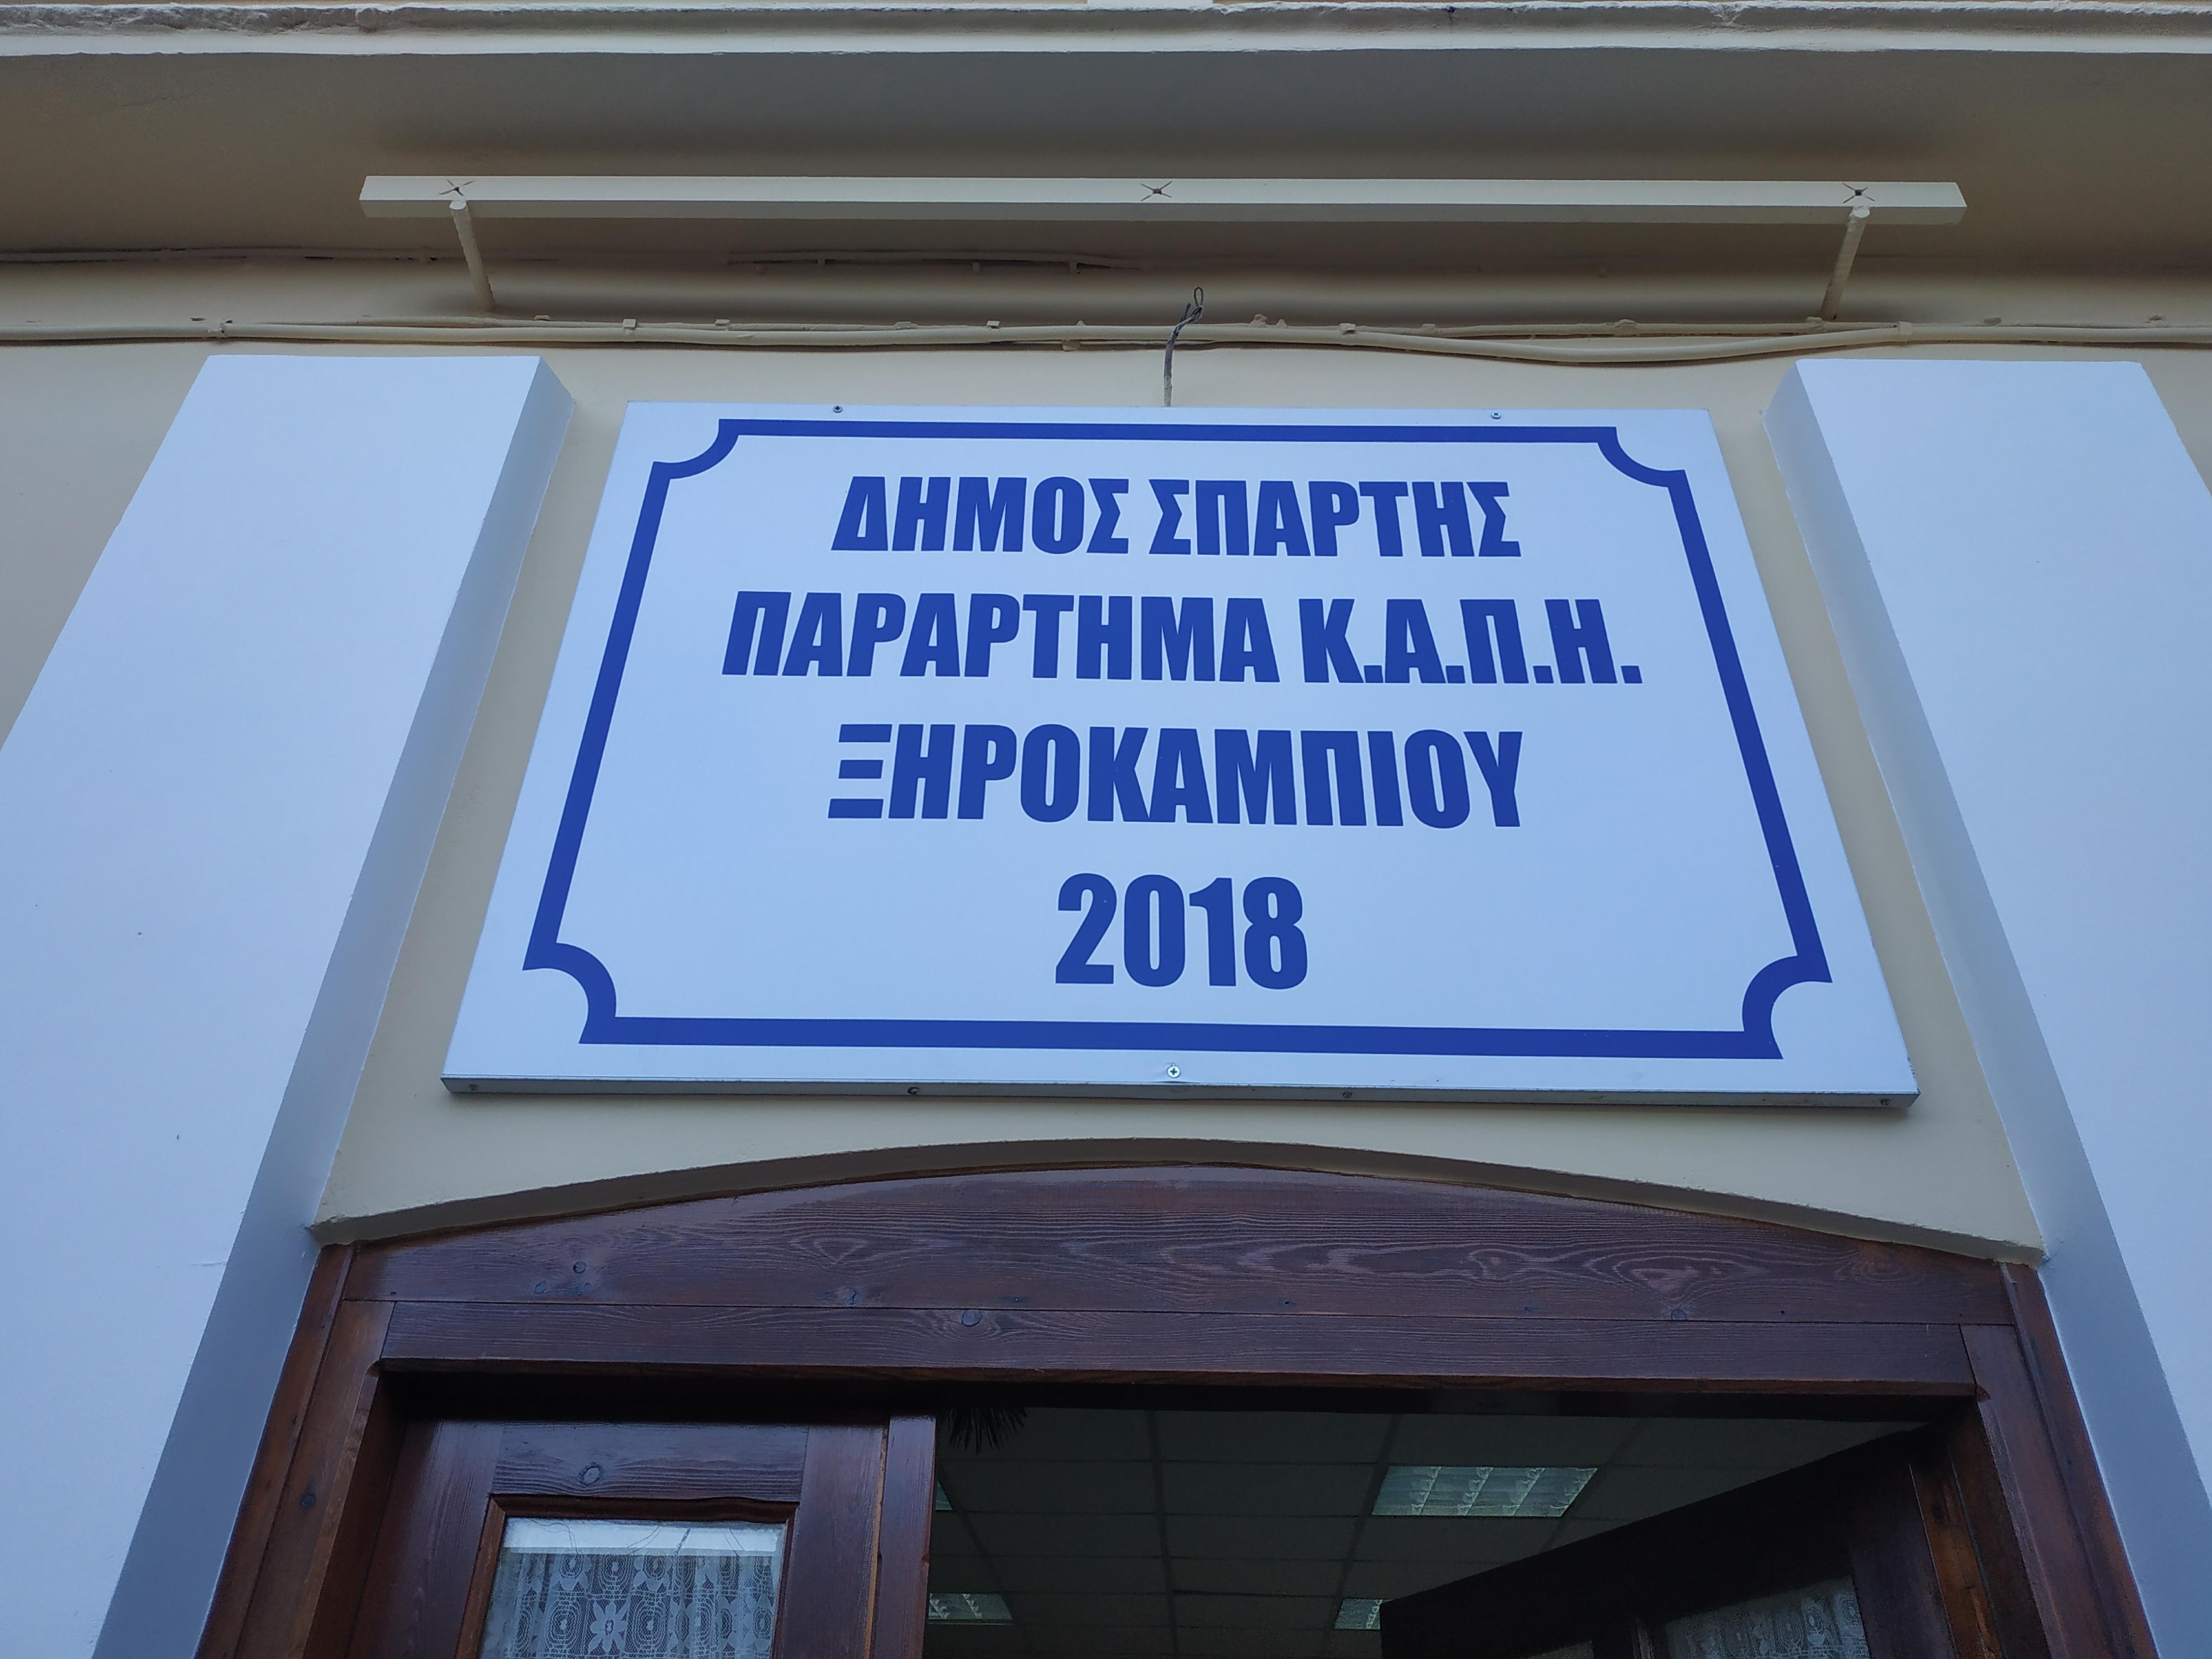 Εγκαίνια παραρτήματος ΚΑΠΗ Ξηροκαμπίου